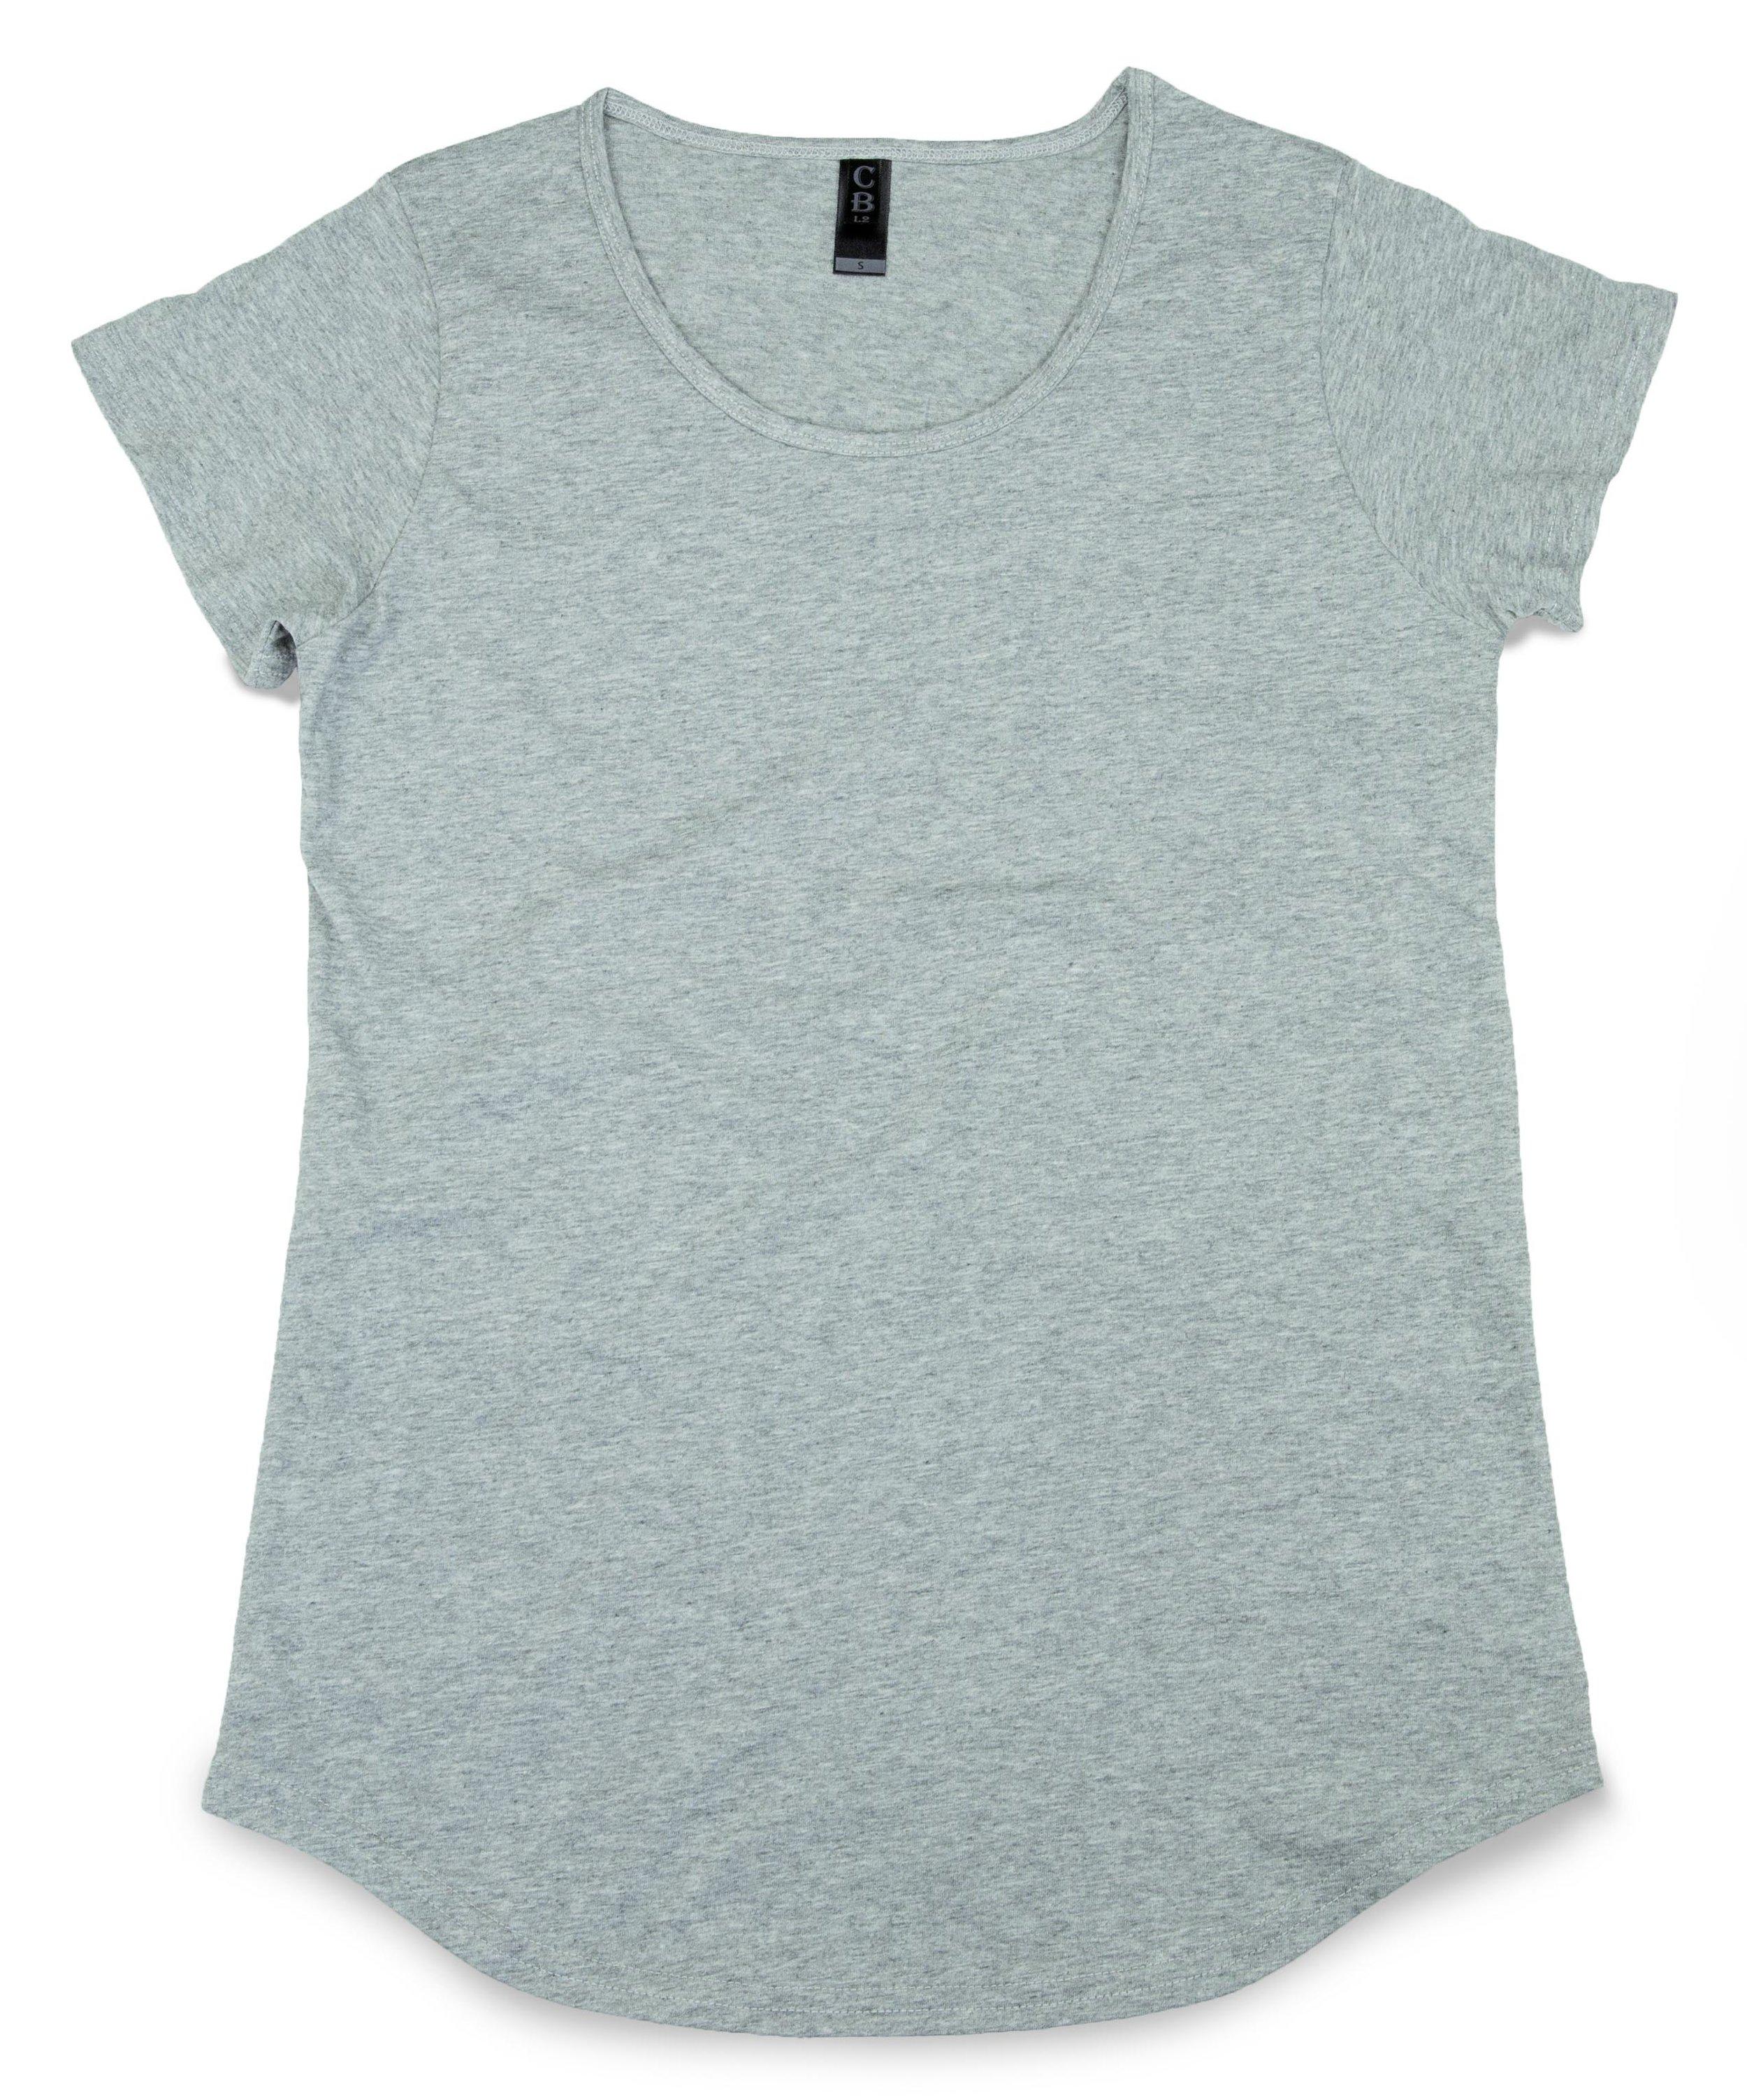 L2 - Ladies Curve T-shirt